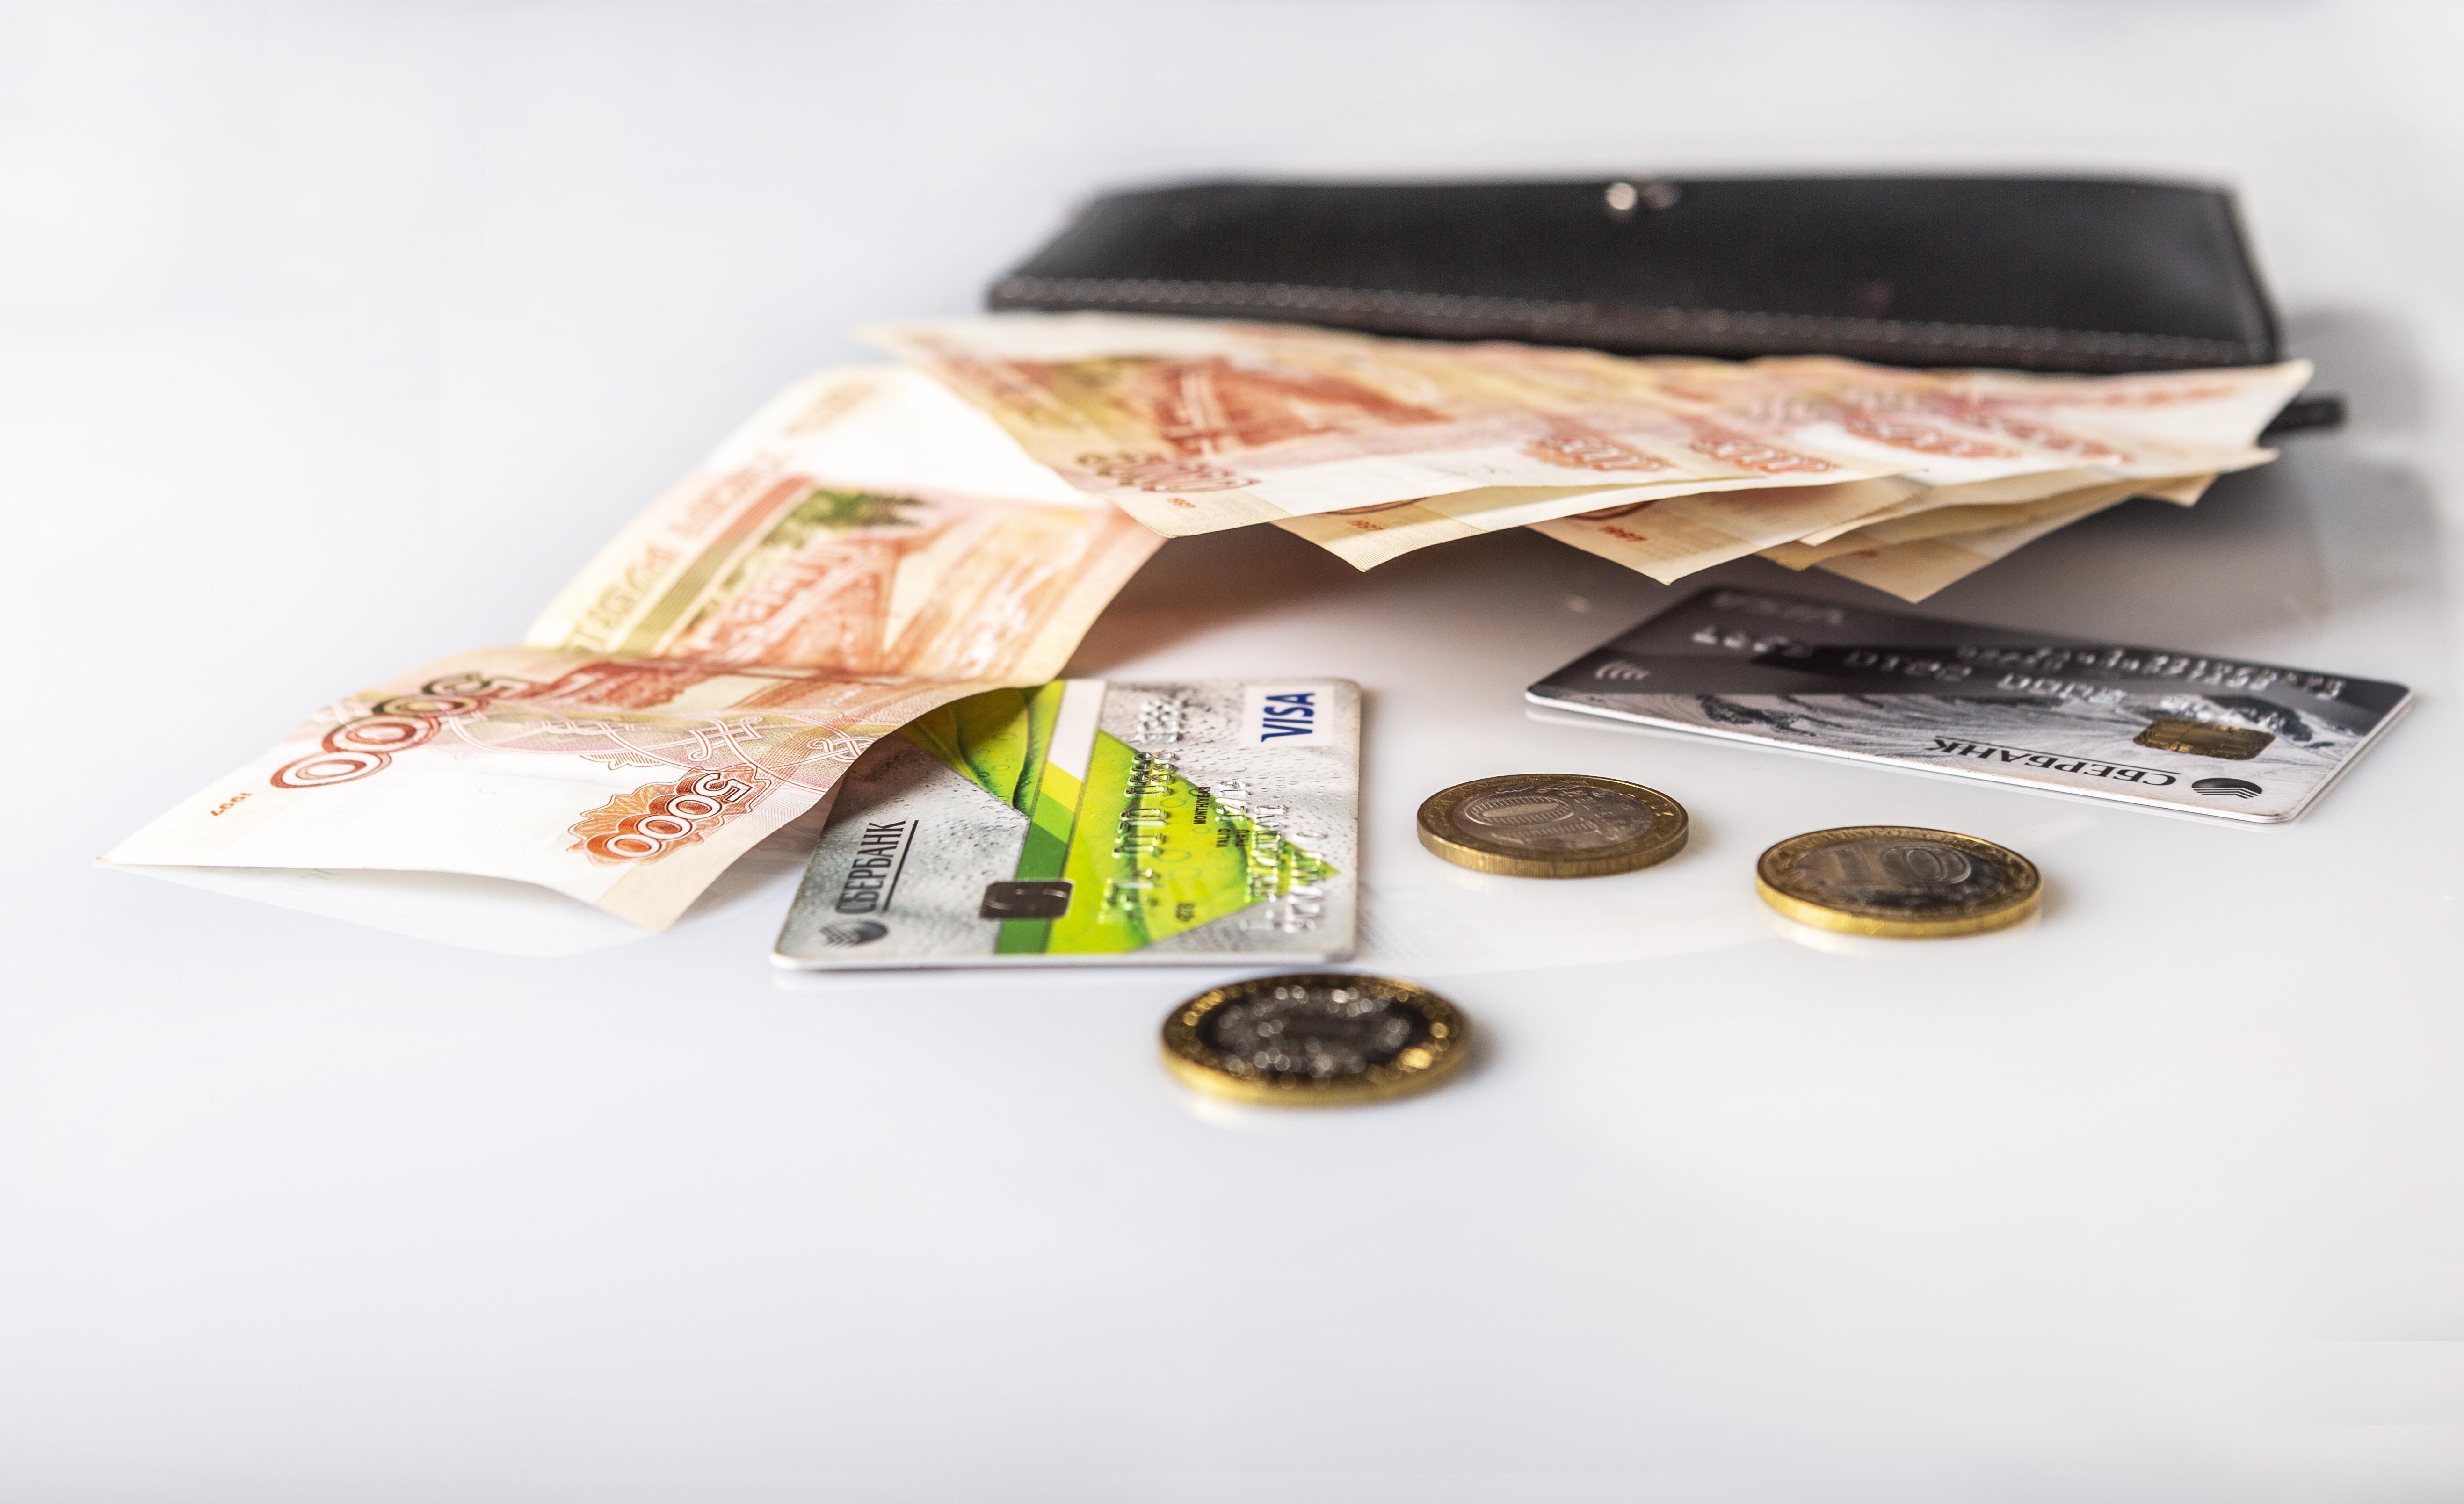 Назван новый способ воровства банковских карт